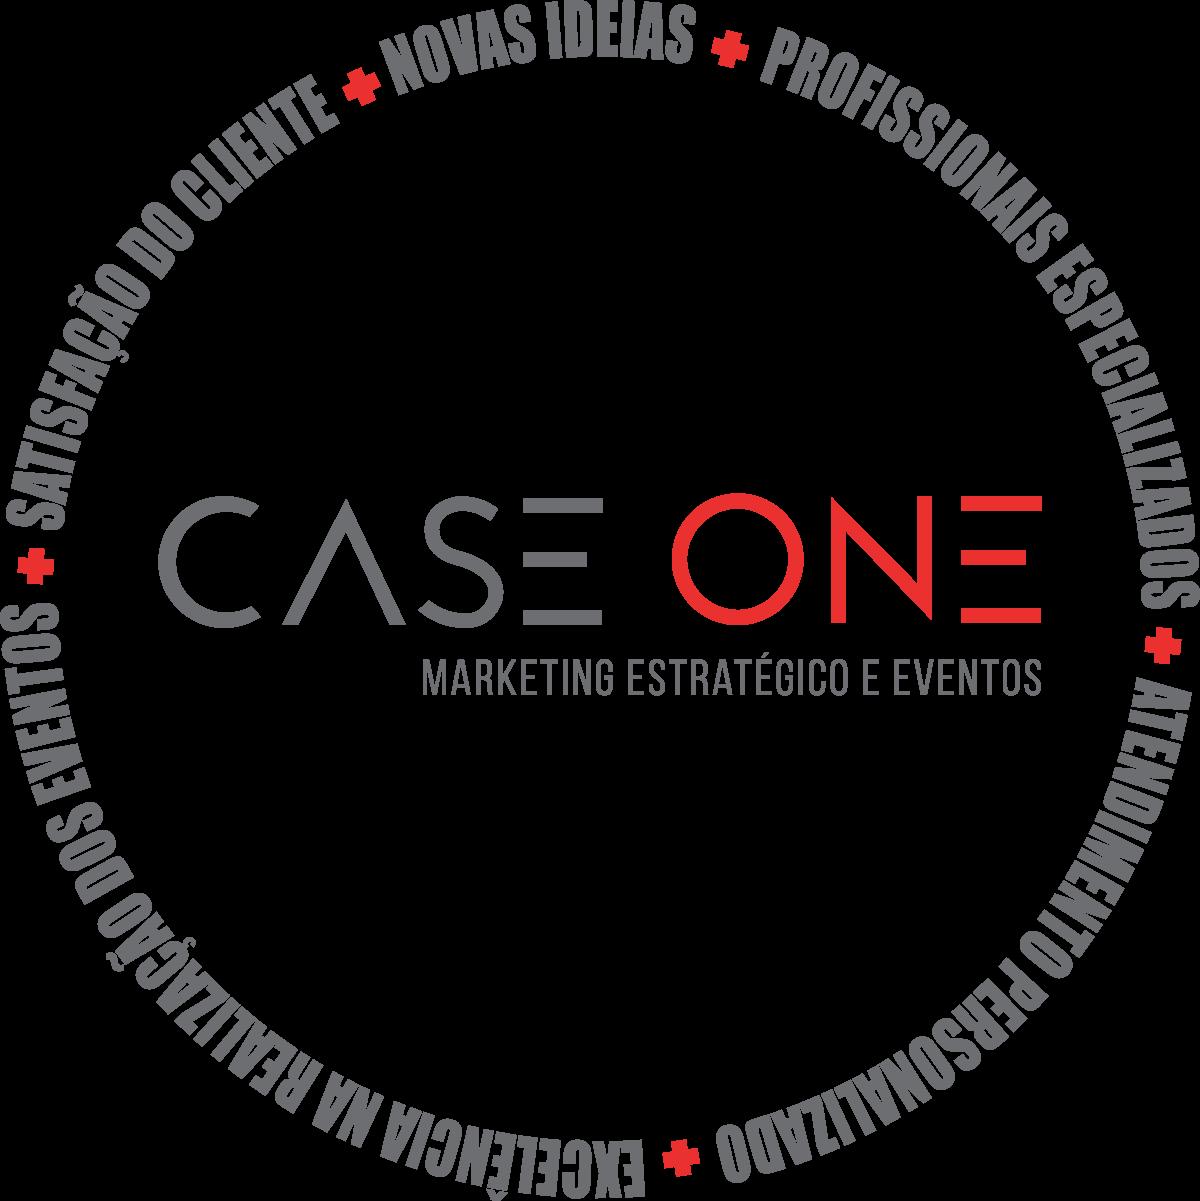 Case One Marketing Estratégico E Eventos